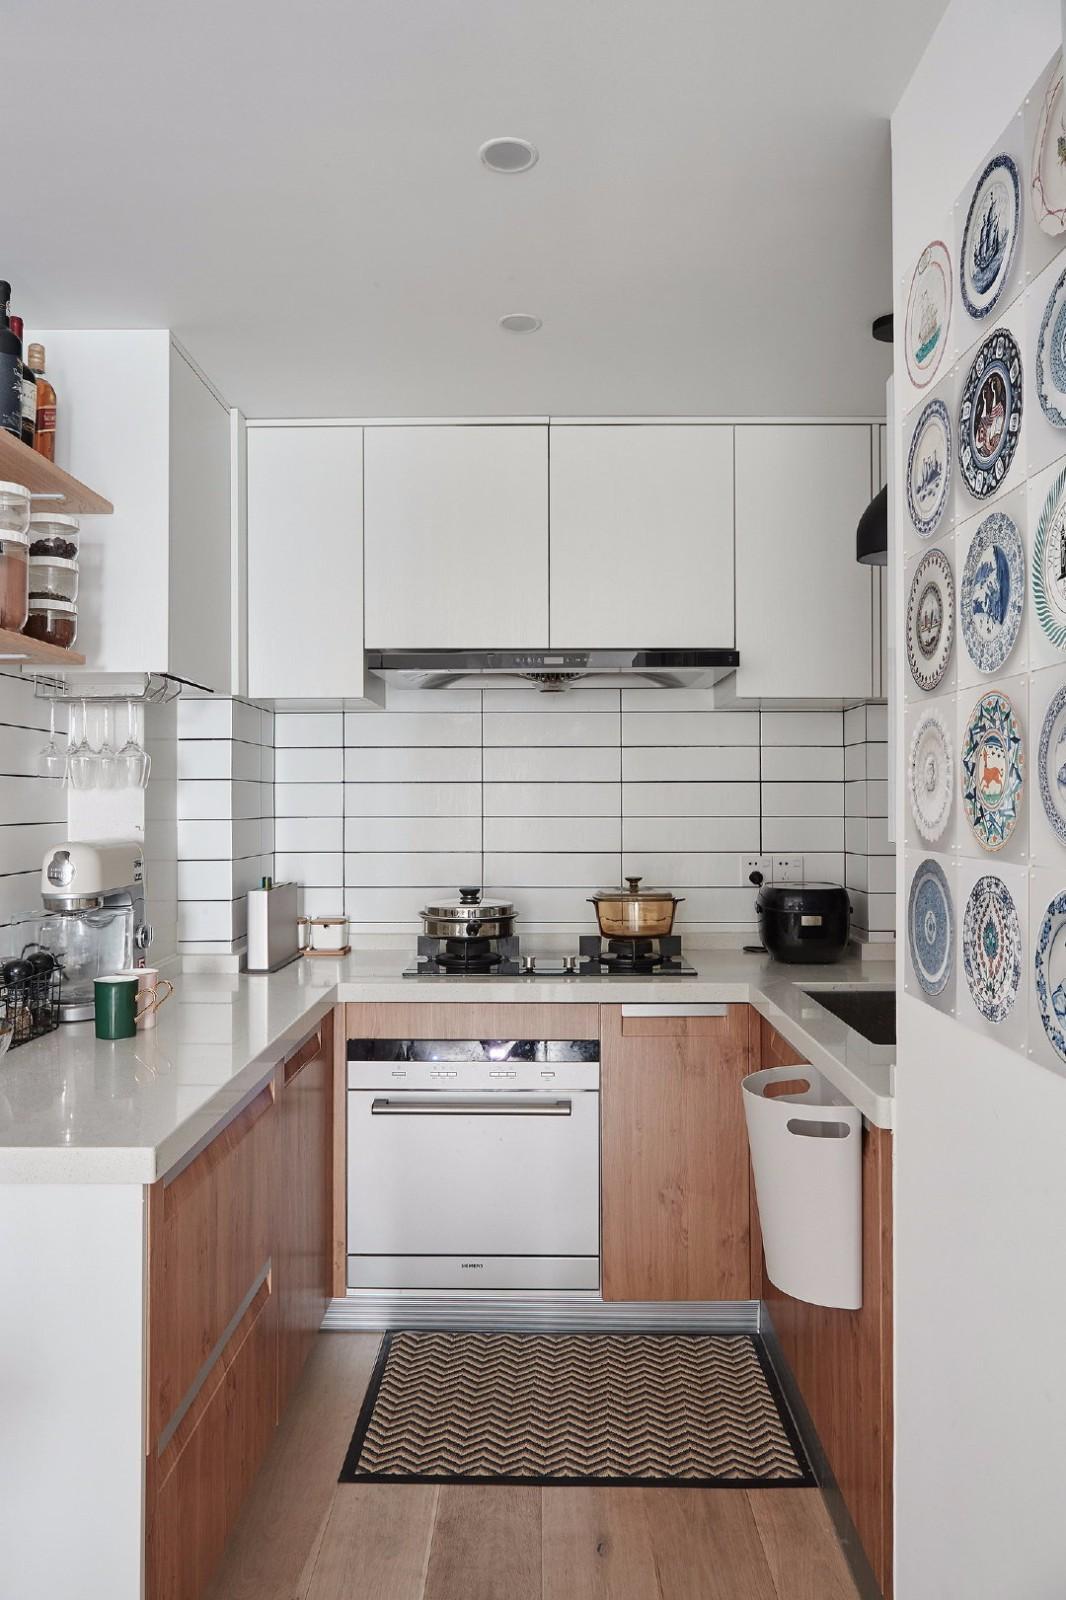 2020北欧厨房装修图 2020北欧灶台装修图片